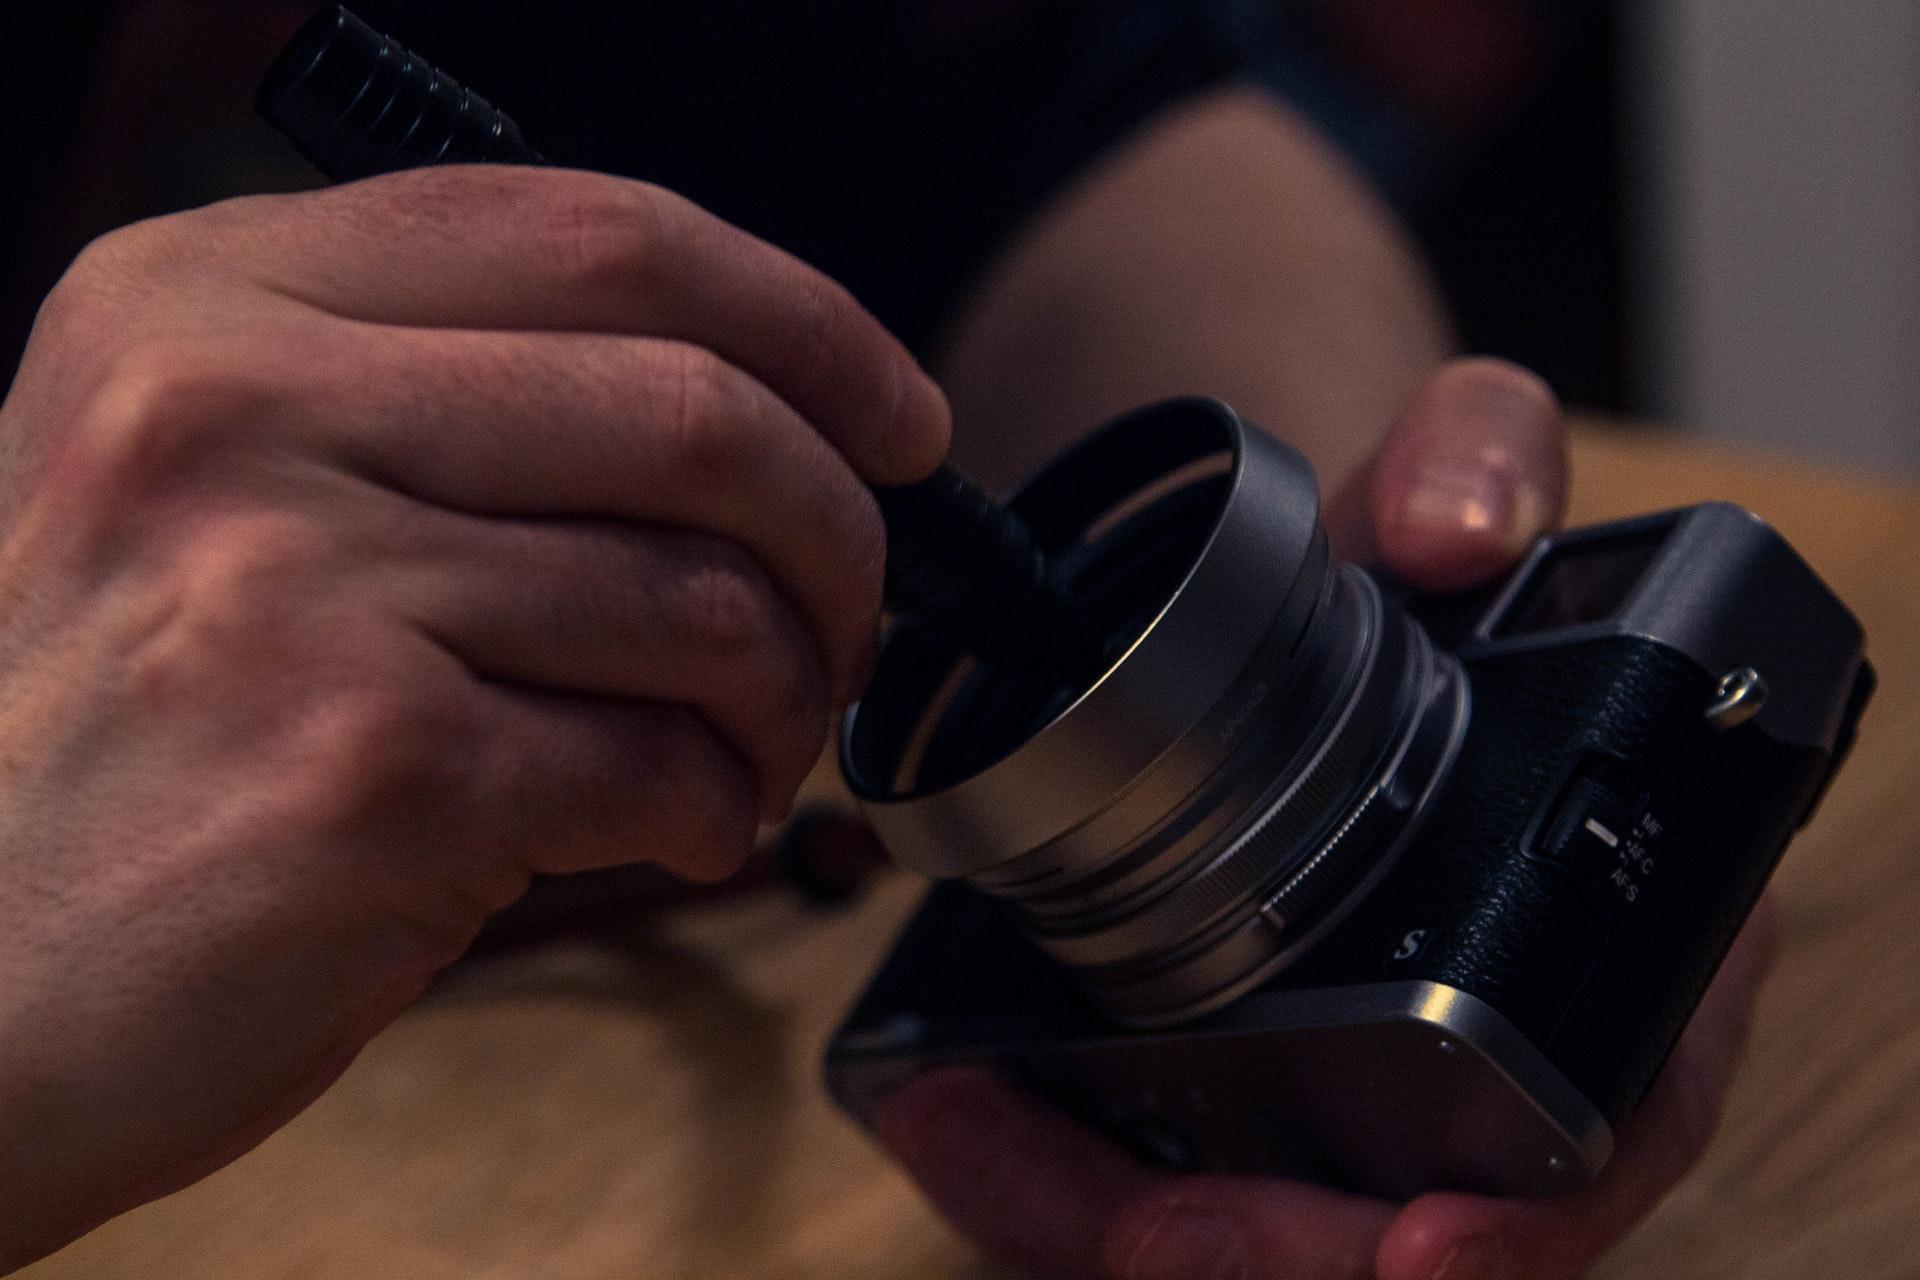 limpeza_equipamento_fotografico_como_limpar_lente_camera_corretamente